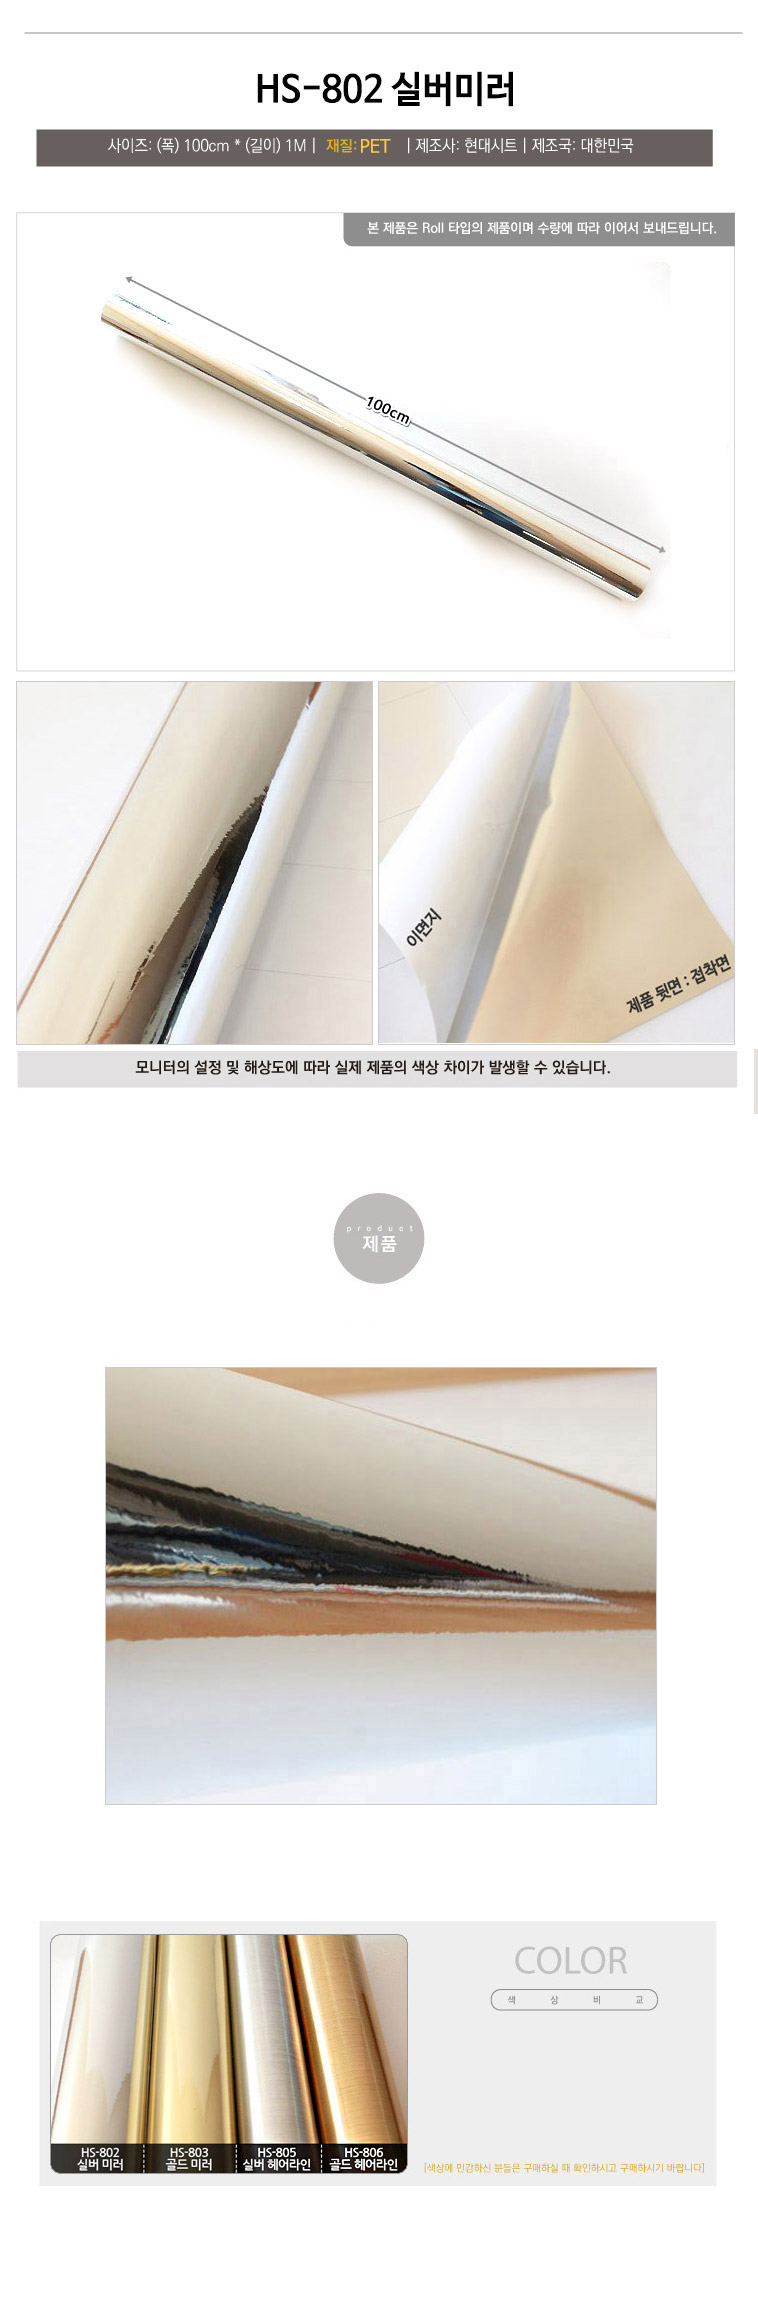 메탈 금속 시트지 HS-802 실버미러 폭 100cm - 케이알인터내셔날, 6,600원, 벽지/시트지, 단색벽지